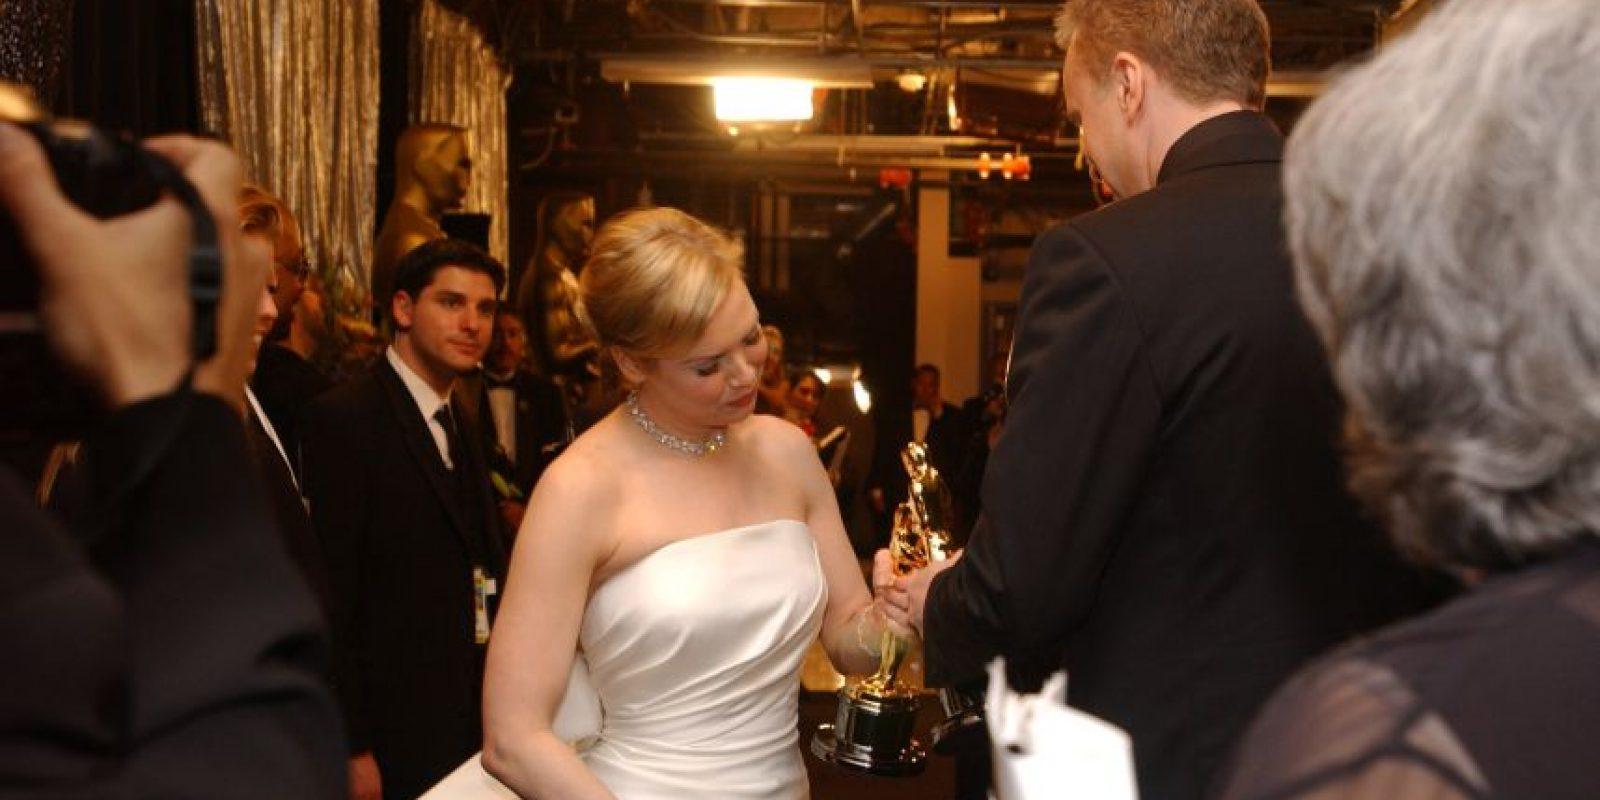 """Quién diría que Renee Zellweger estaría en esta galería, pero desde su interpretación de campesina en """"Regreso a Cold Mountain"""", papel que le consiguió el Óscar en 2002, no ha hecho un papel protagónico relevante, o por lo menos en una película de buena calidad. La continuación de Bridget Jones no cuenta. Foto:Oscars.org"""